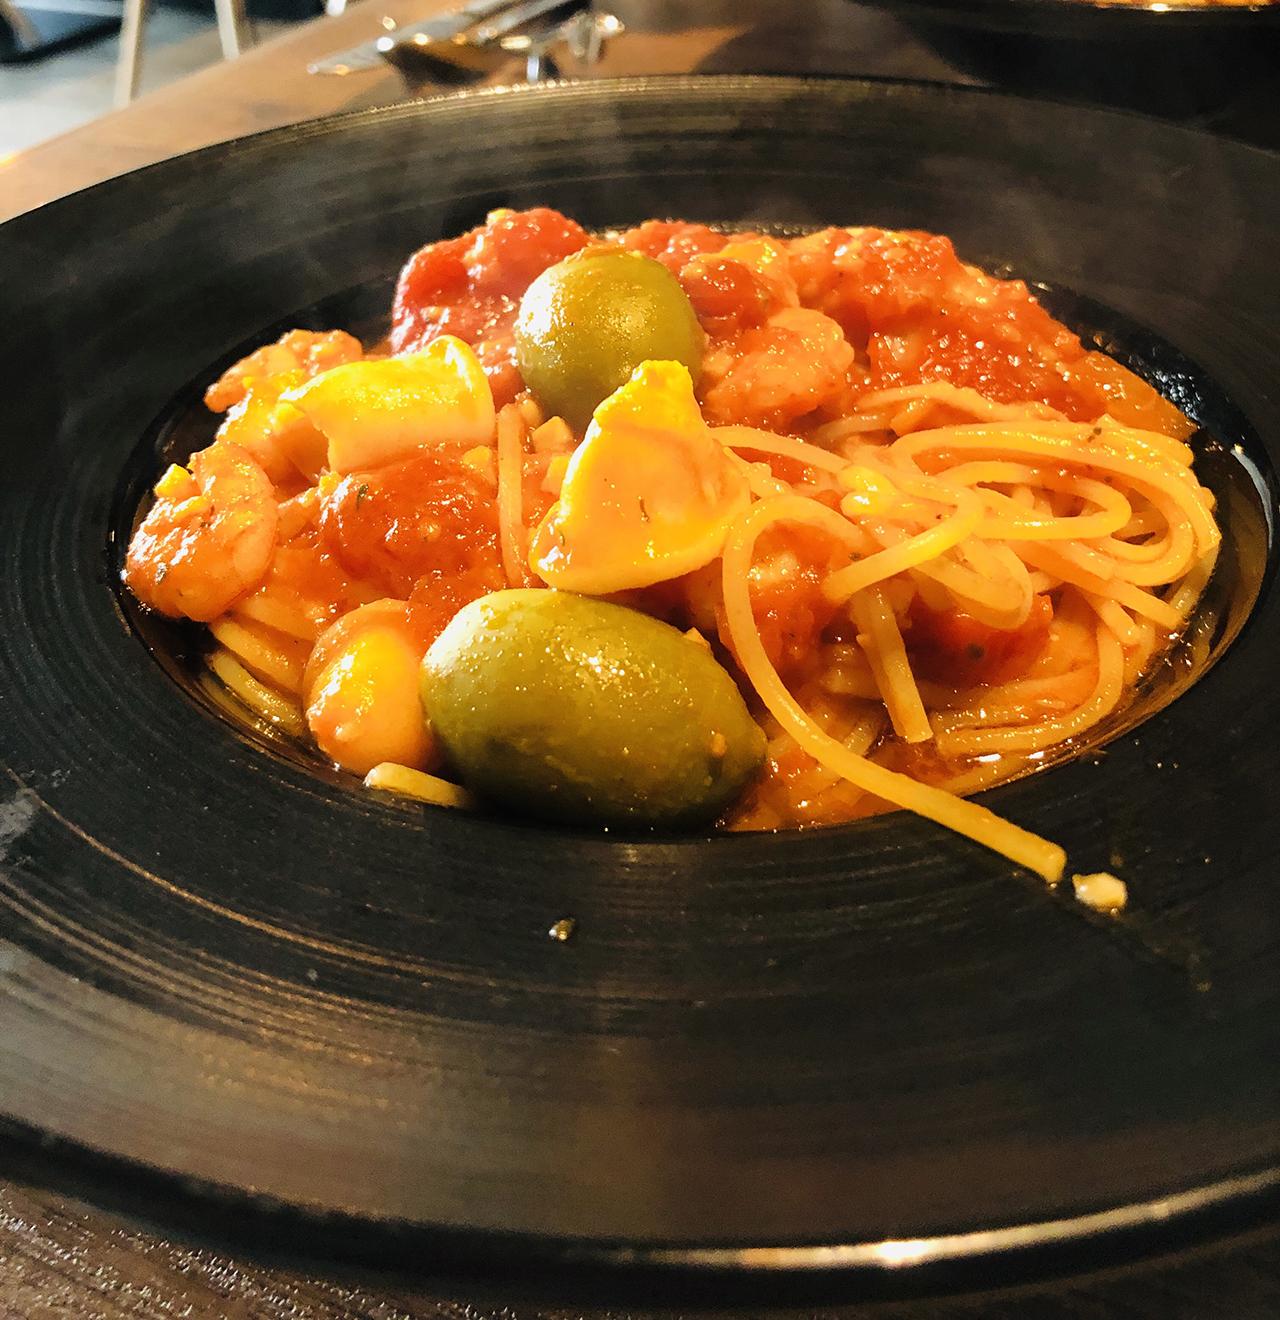 魚介とオリーブを使ったトマトソーススパゲティの写真